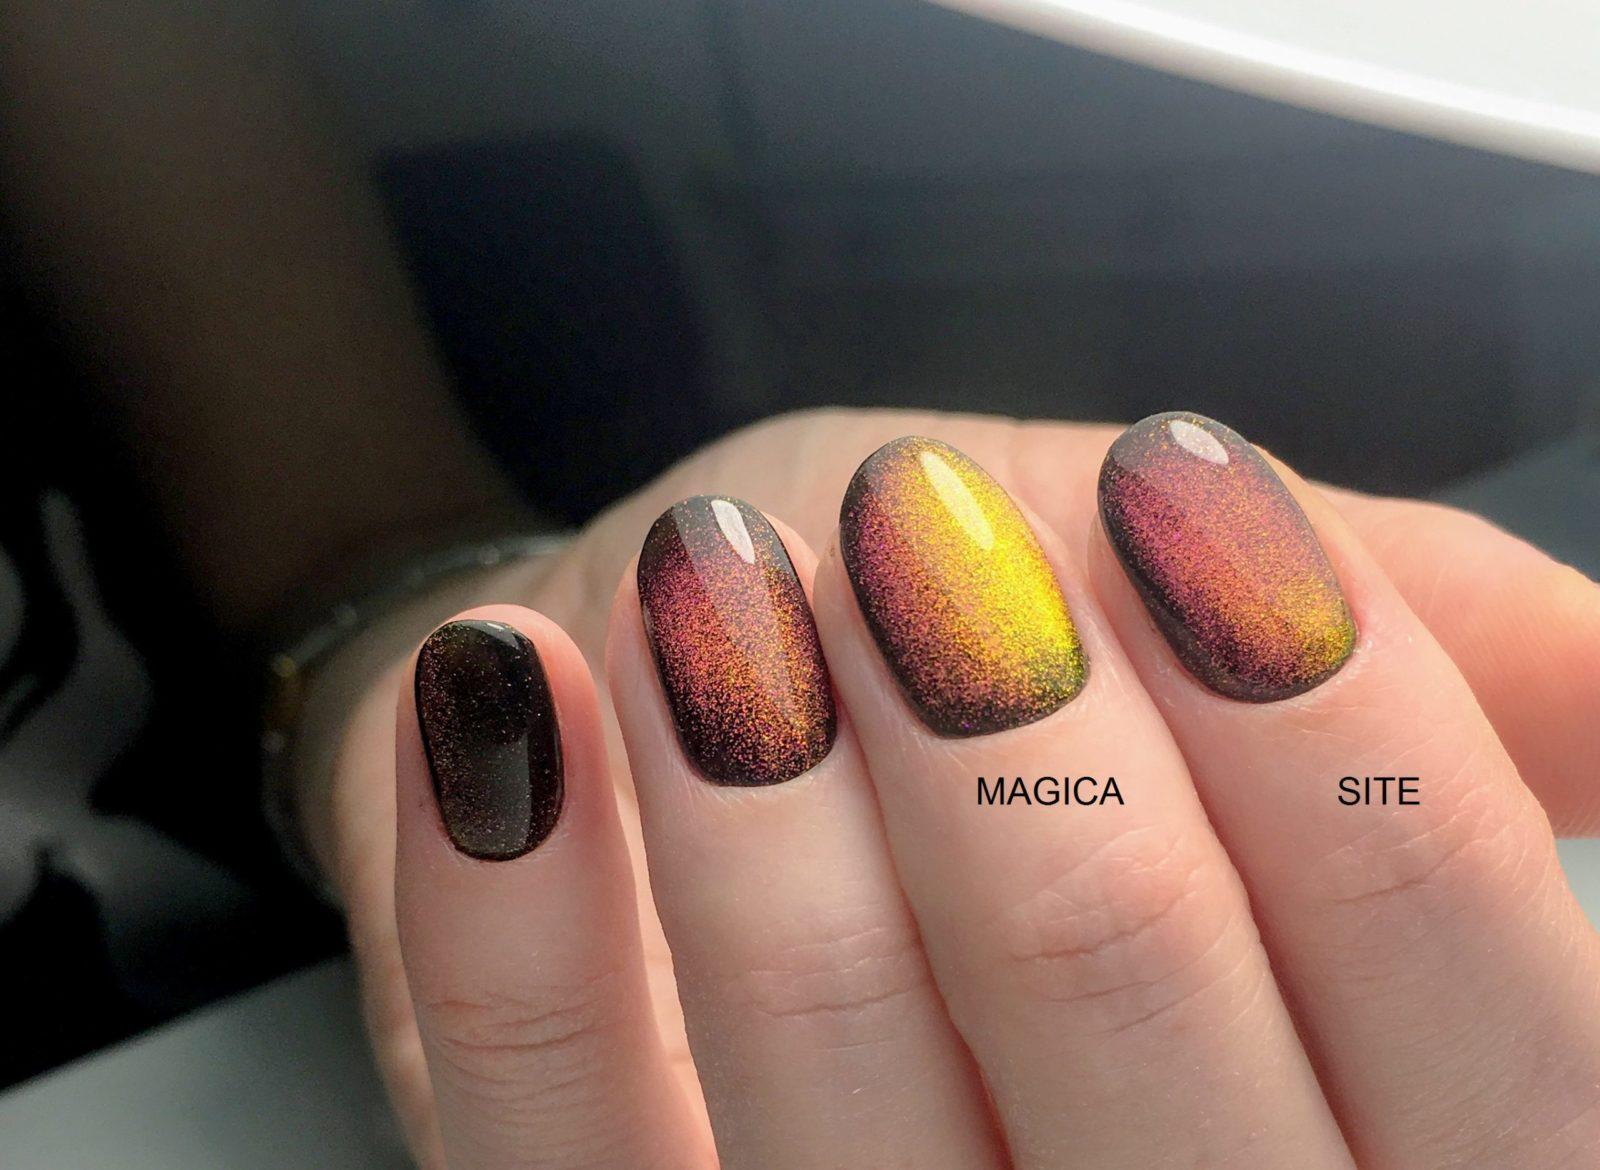 осенний маникюр, ногтевой дизайн, магнитный гель, короткие ногти, кошачий глаз, галактический маникюр, разноцветный маникюр, блестящий маникюр, блёстки на ногтях, маникюр 2020